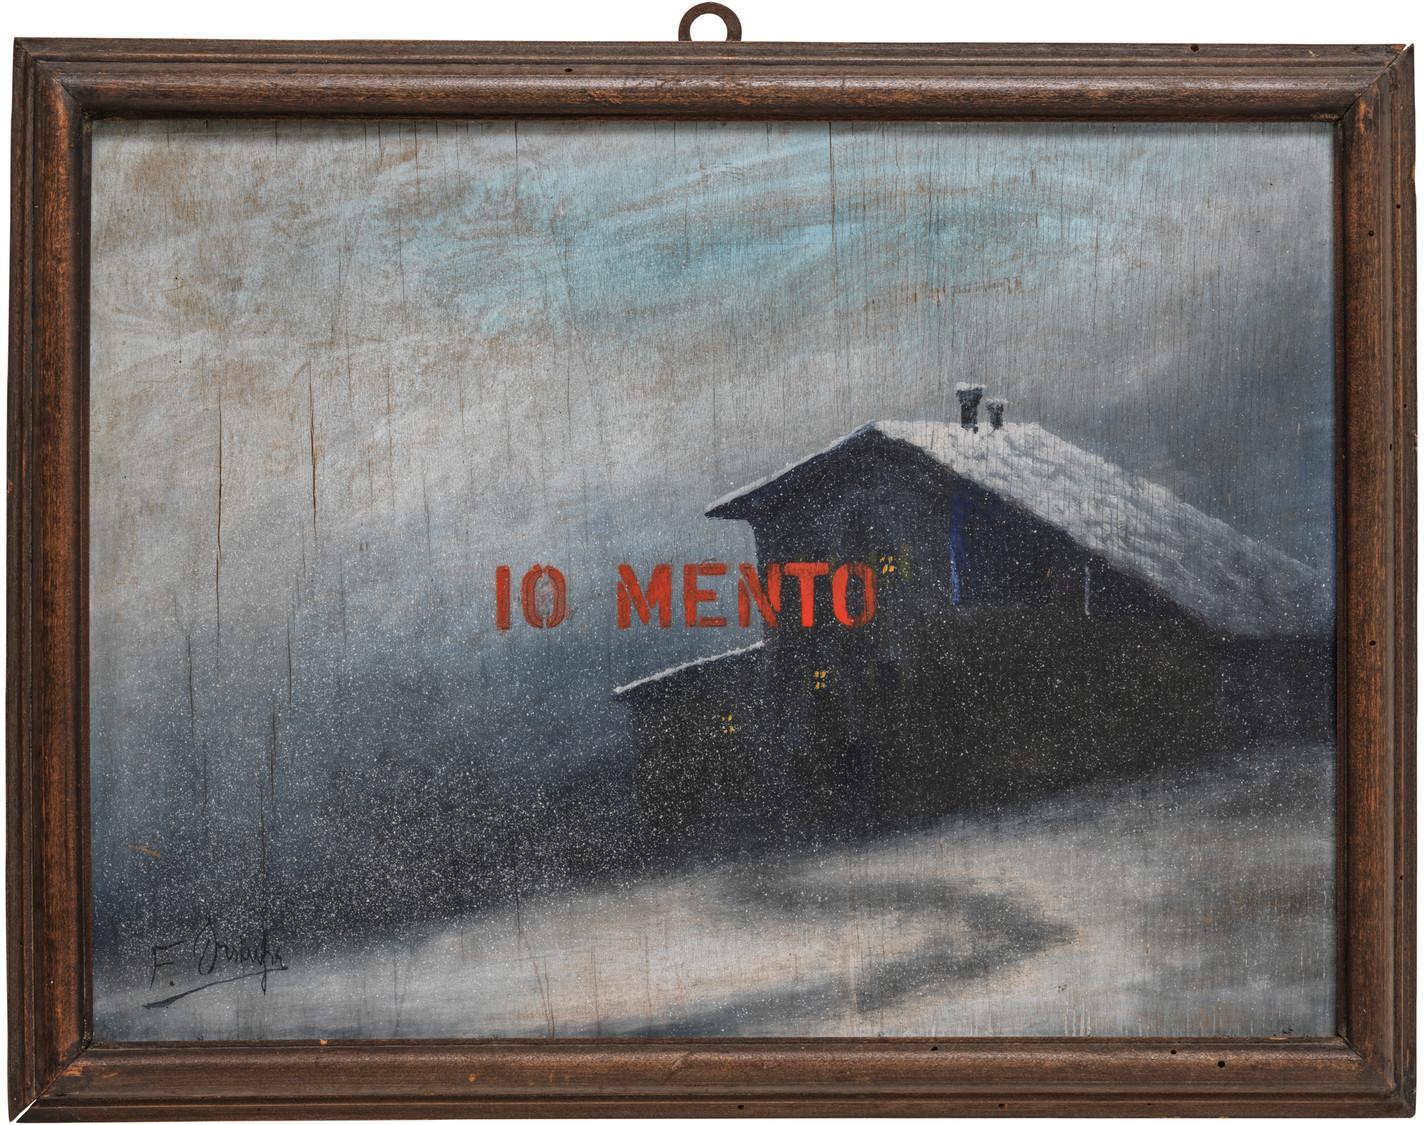 io mento - 2003